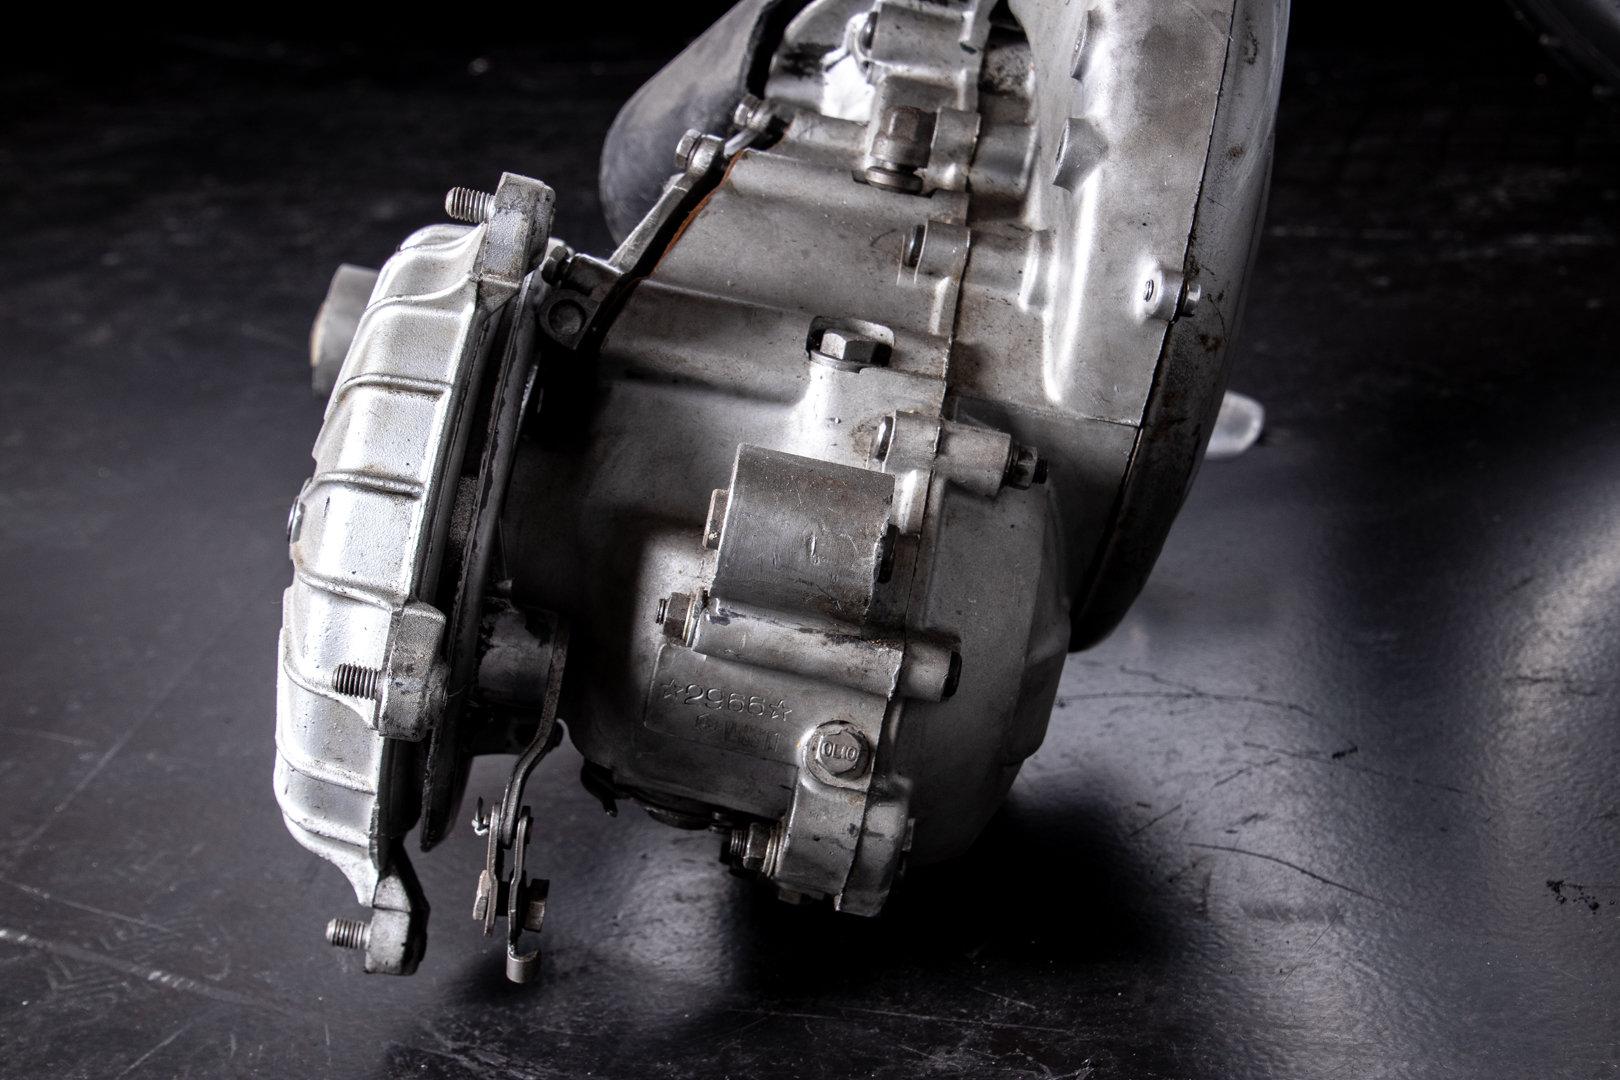 1950 Piaggio Vespa Engine For Sale (picture 6 of 7)